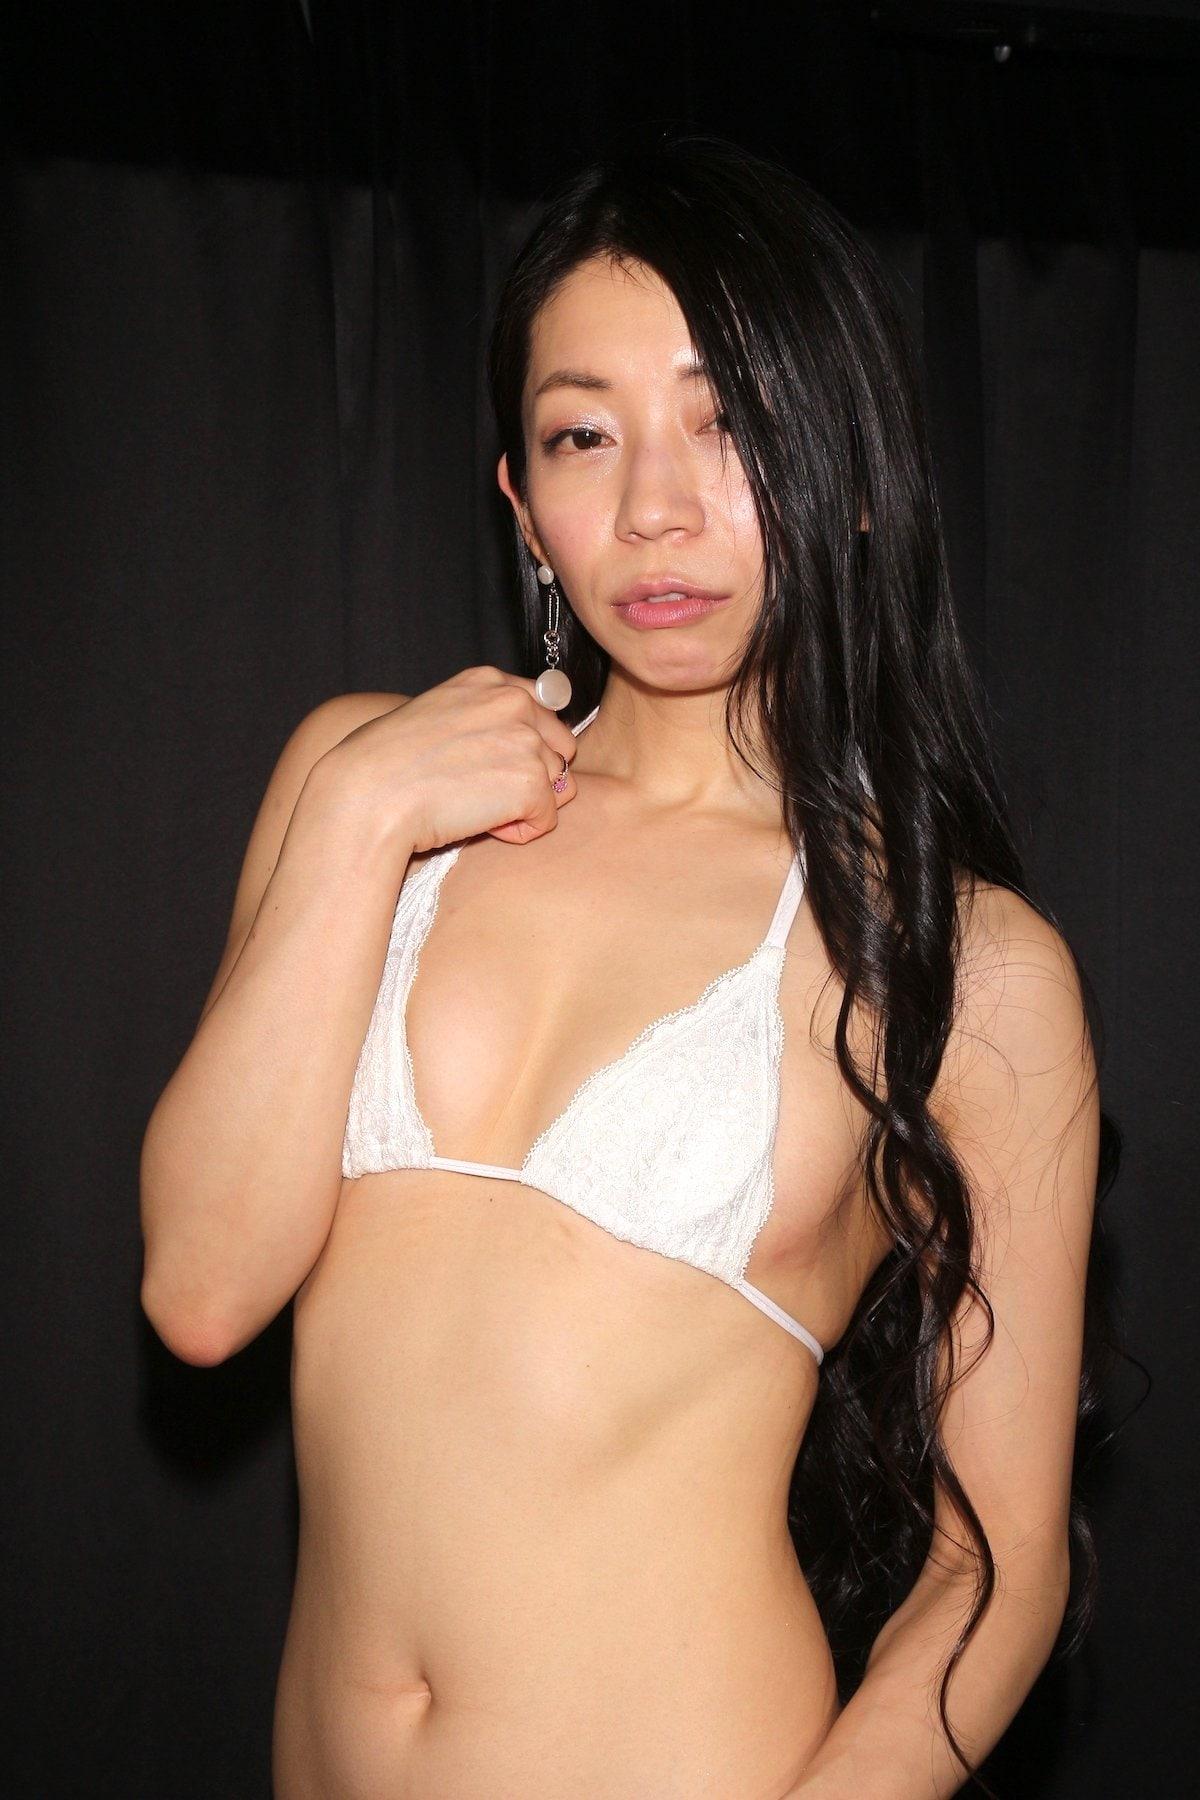 岩崎真奈「ベンチの縁にこすったり」私史上最高にセクシー【画像50枚】の画像025